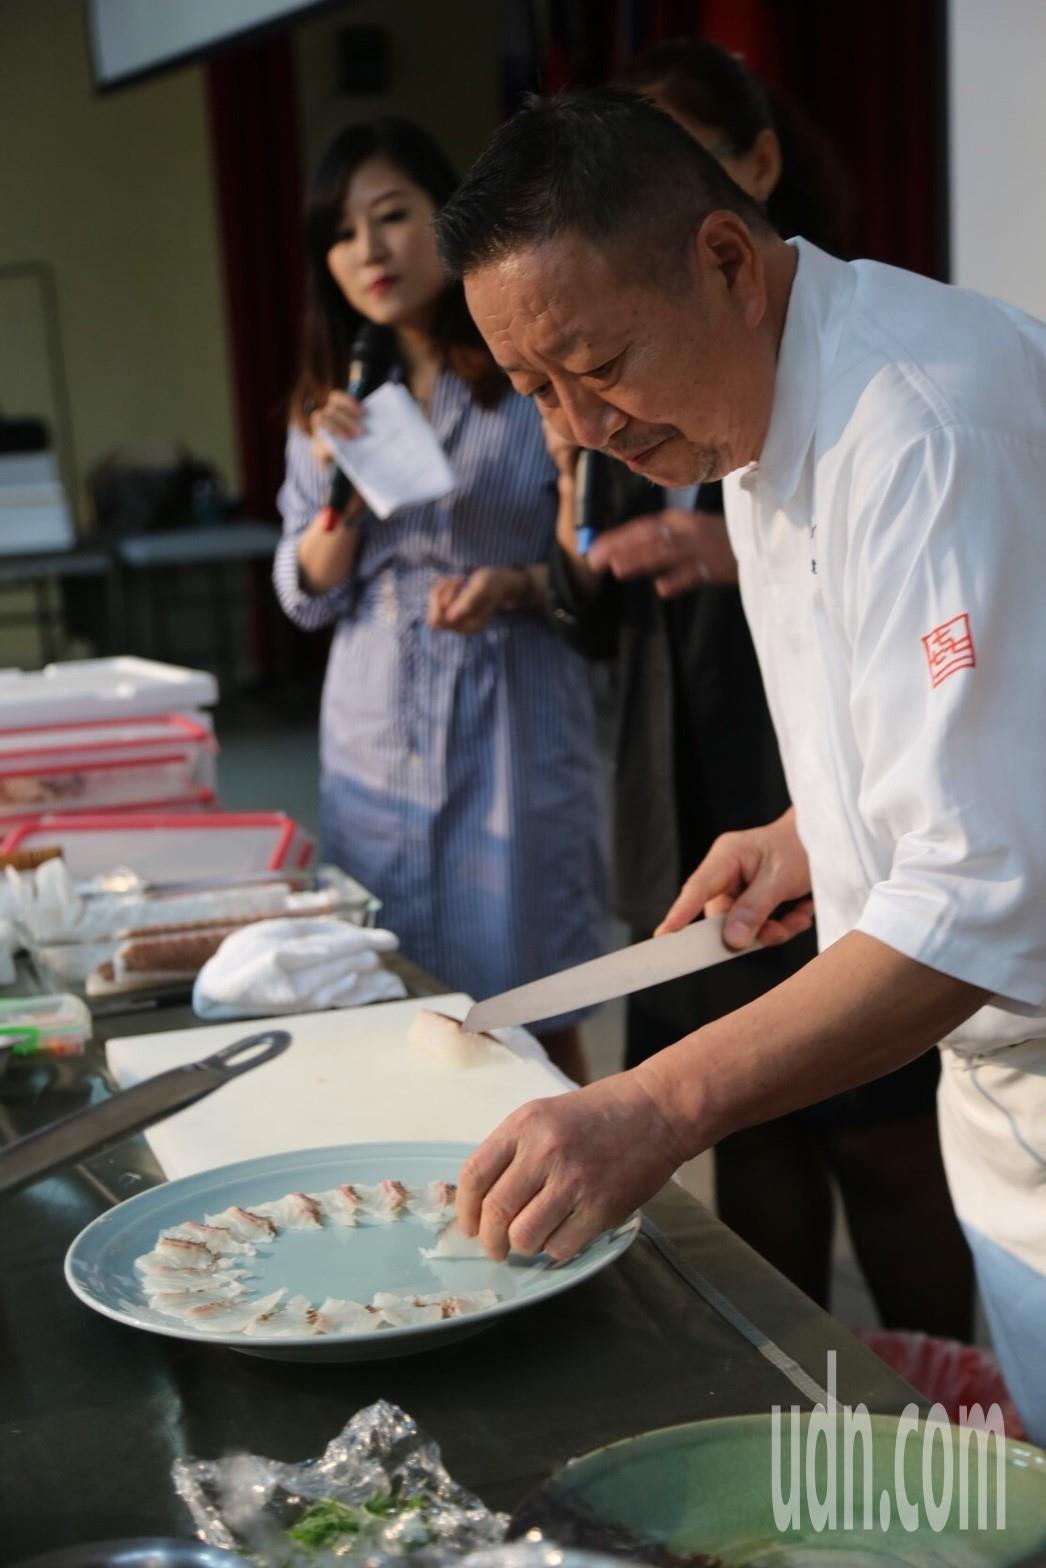 千葉憲二運用新鮮鯛魚變化出生魚片、熬湯、拉麵三種料理。記者鄭國樑/攝影